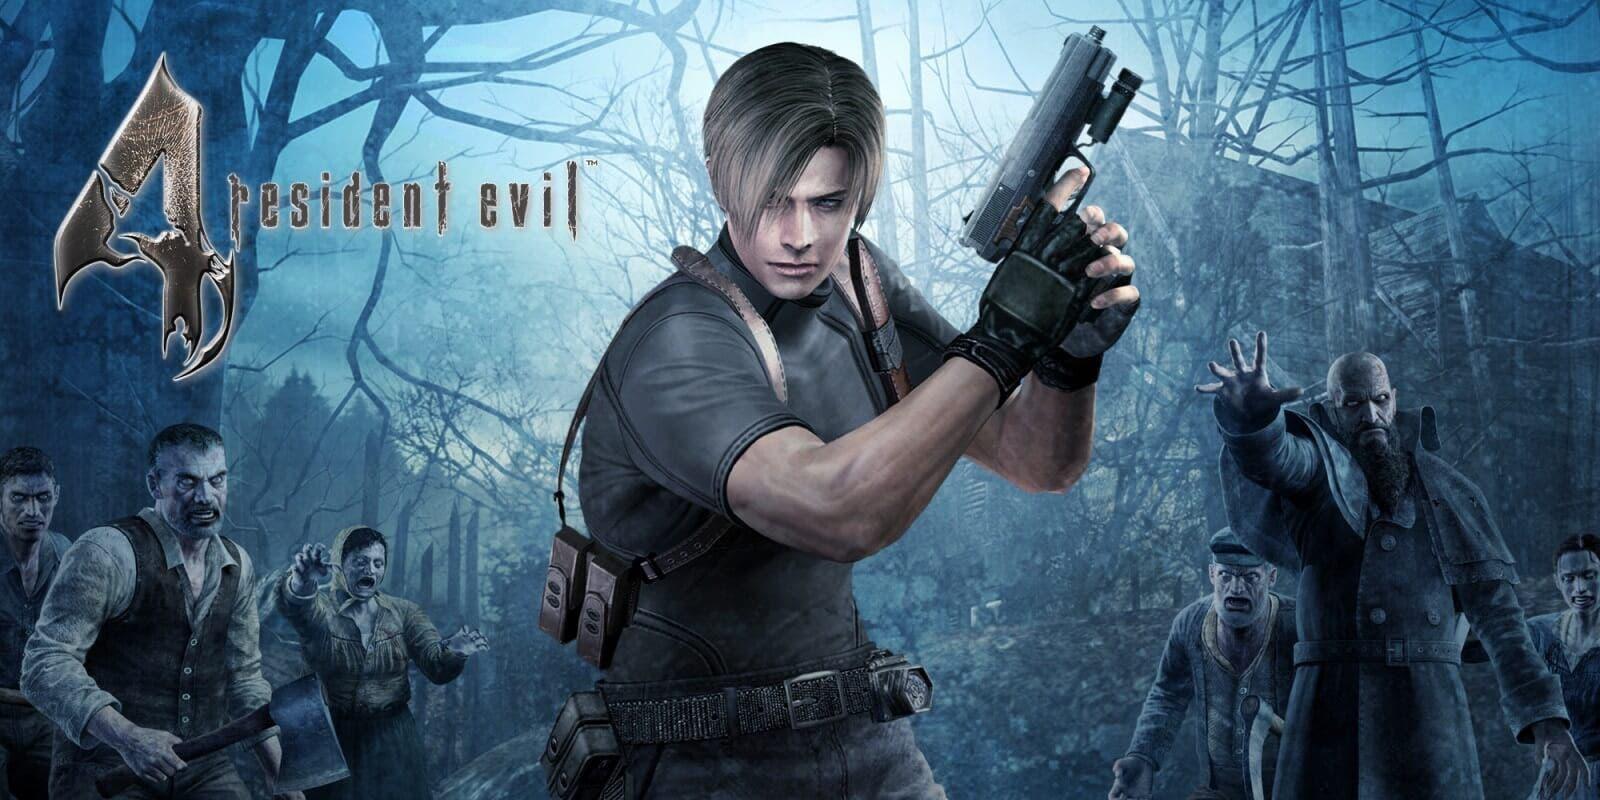 Con la cercana llegada de Resident Evil 3 Remake, ¿en qué orden debemos jugar la saga? 6